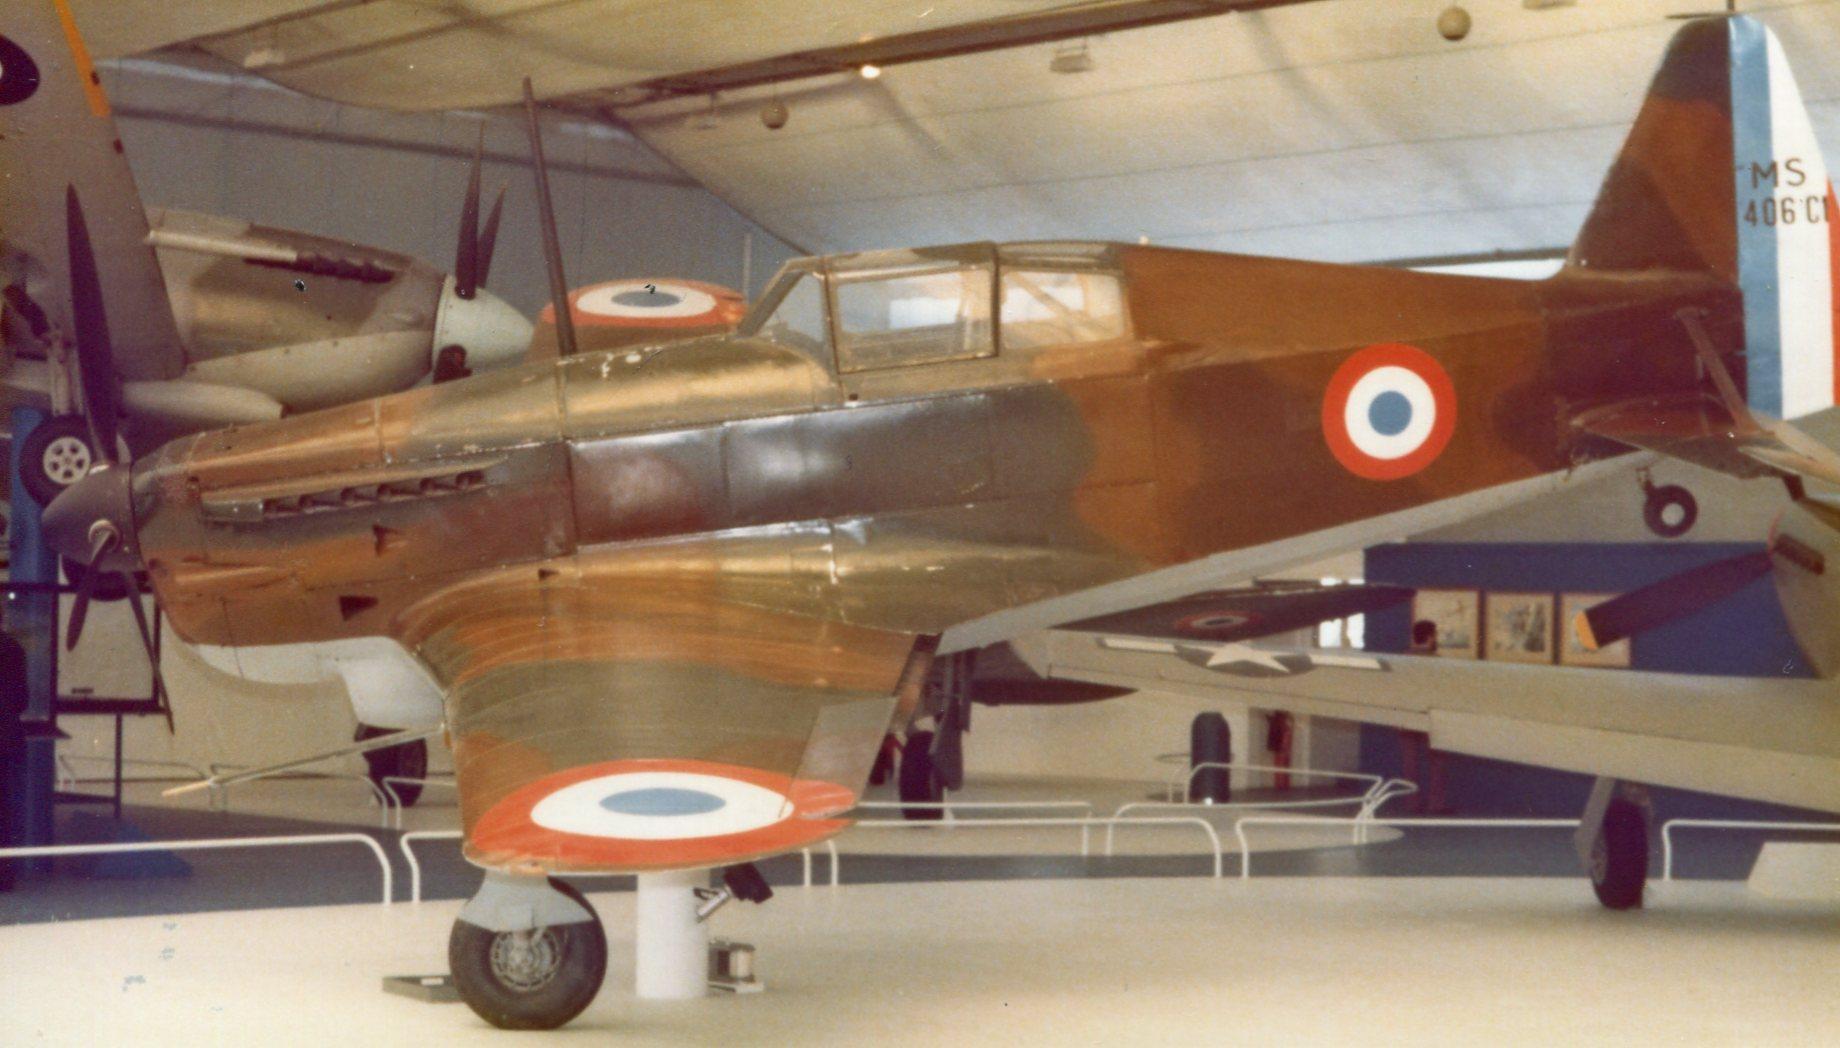 Naam: MS 406 Dewoitine - musee de l ' air - Parijs. (2)+.jpg Bekeken: 156 Grootte: 227,4 KB